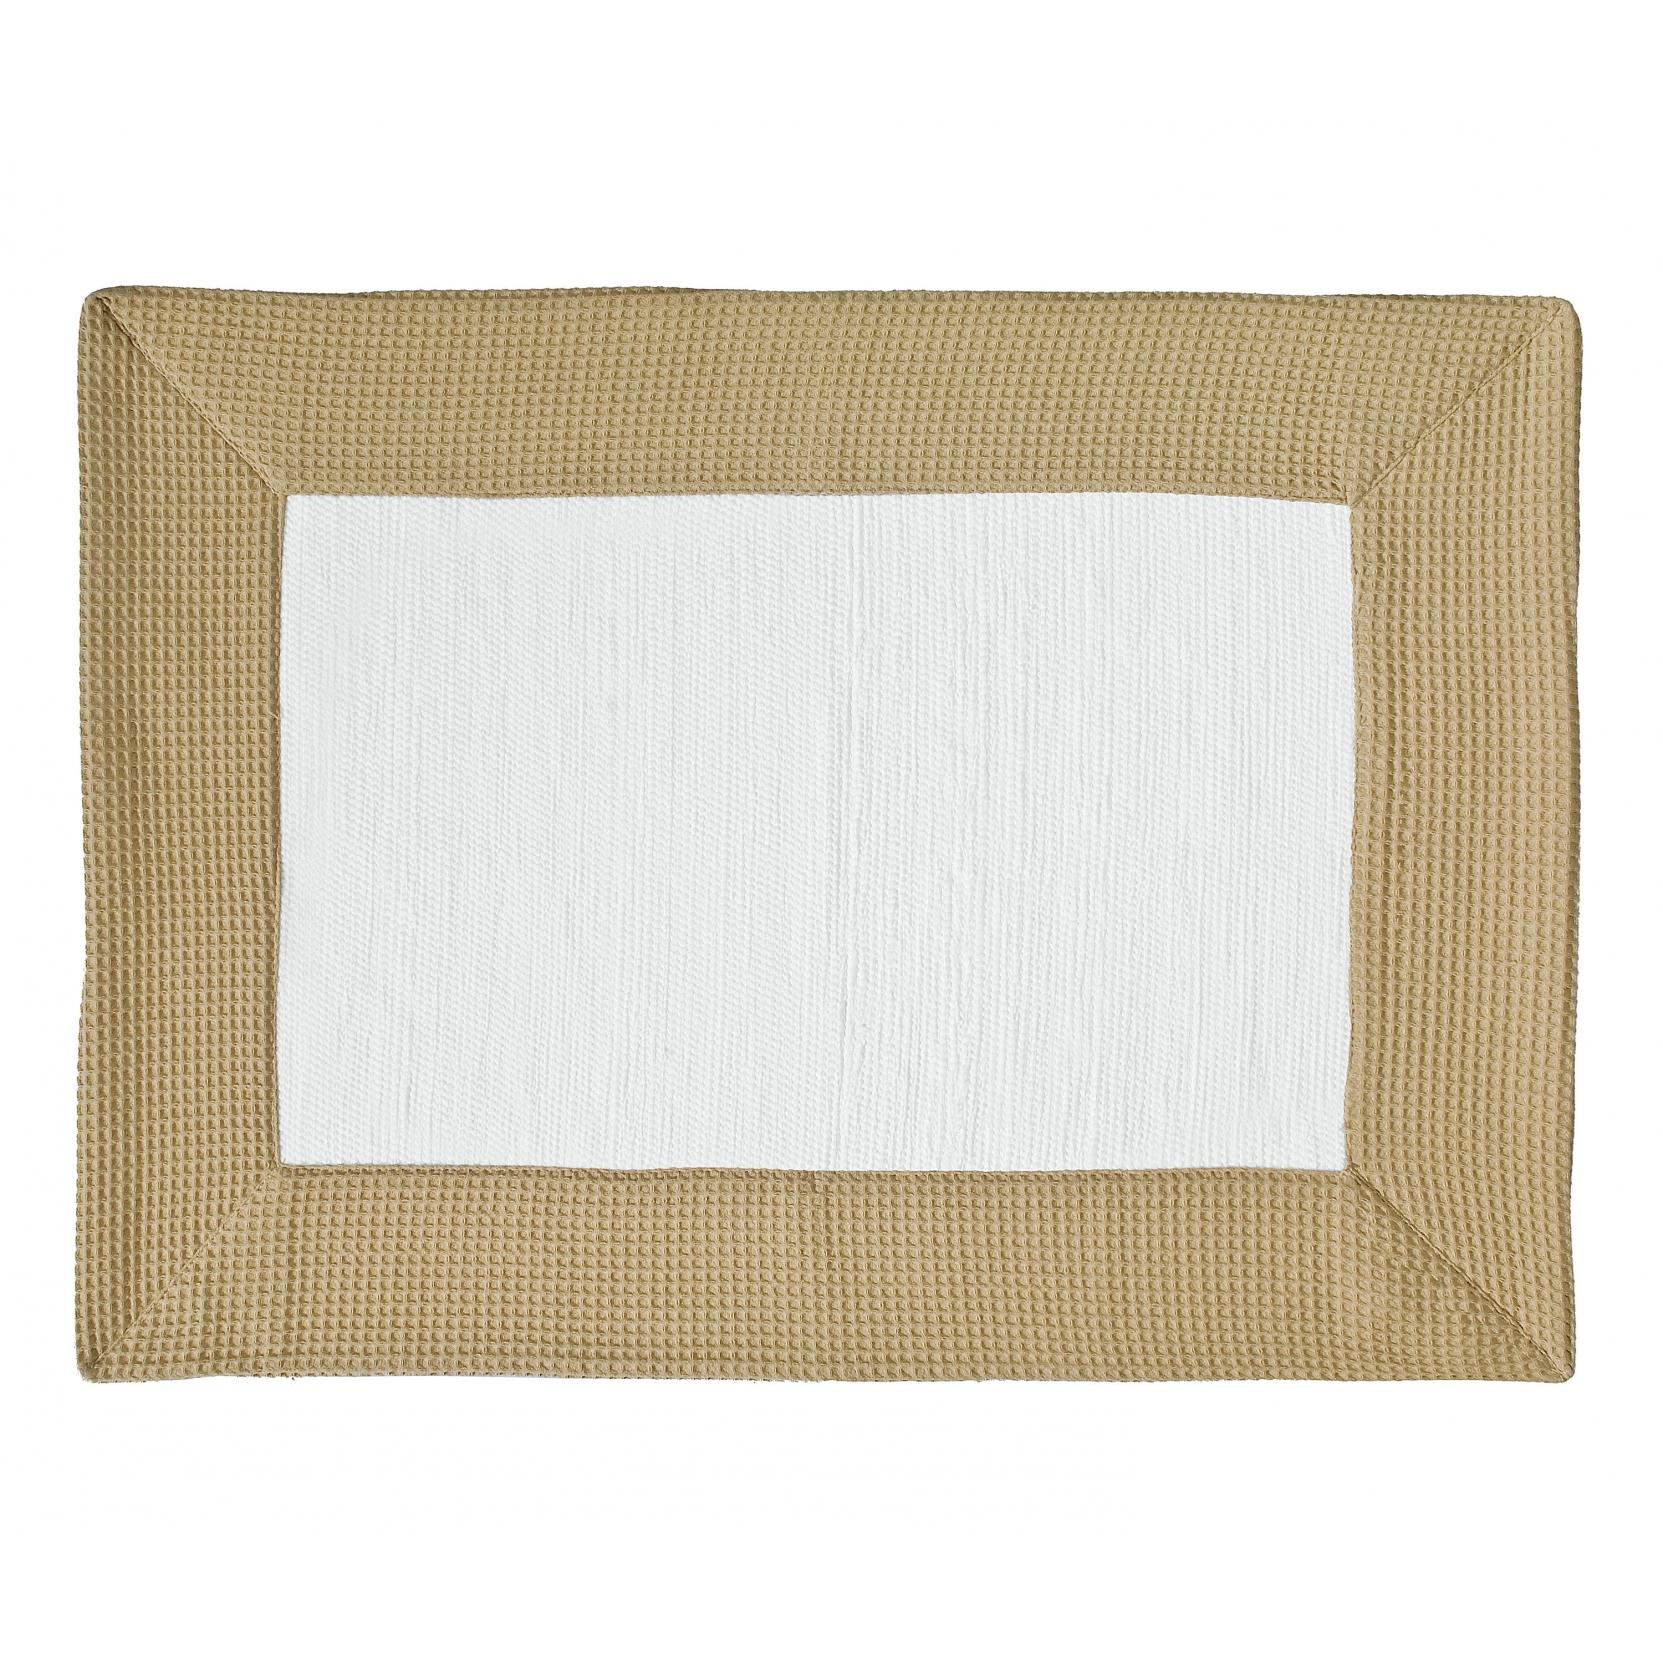 Decor walther rug bm5070 bathroom carpet tattahome for Decor walther